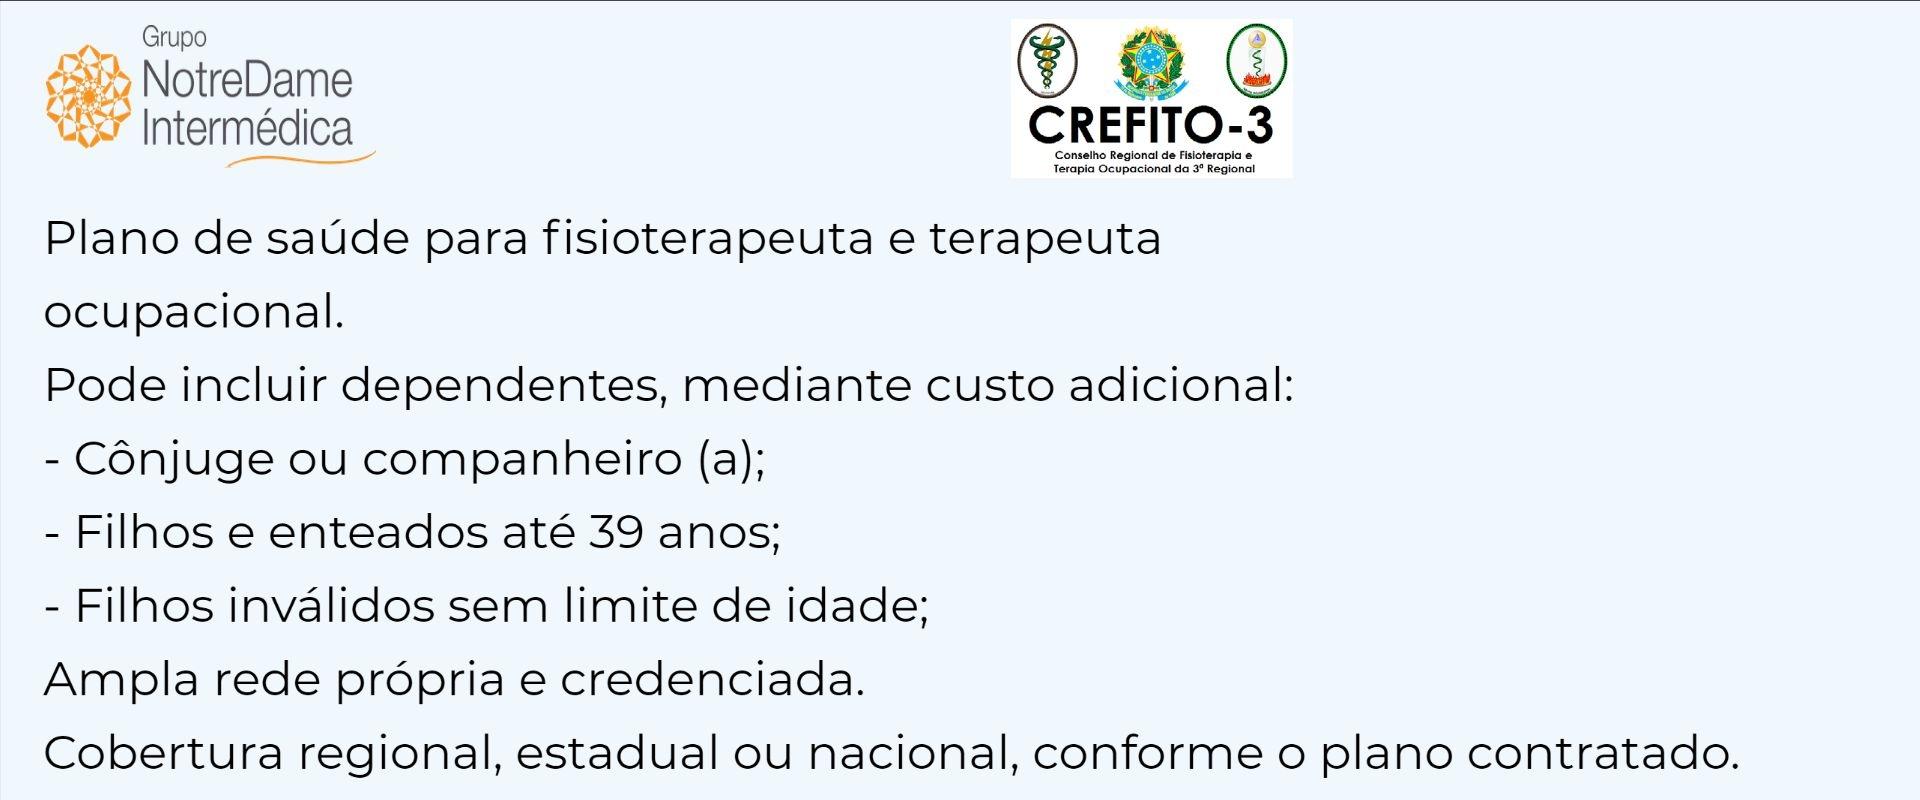 Notredame Intermédica Crefito-SP